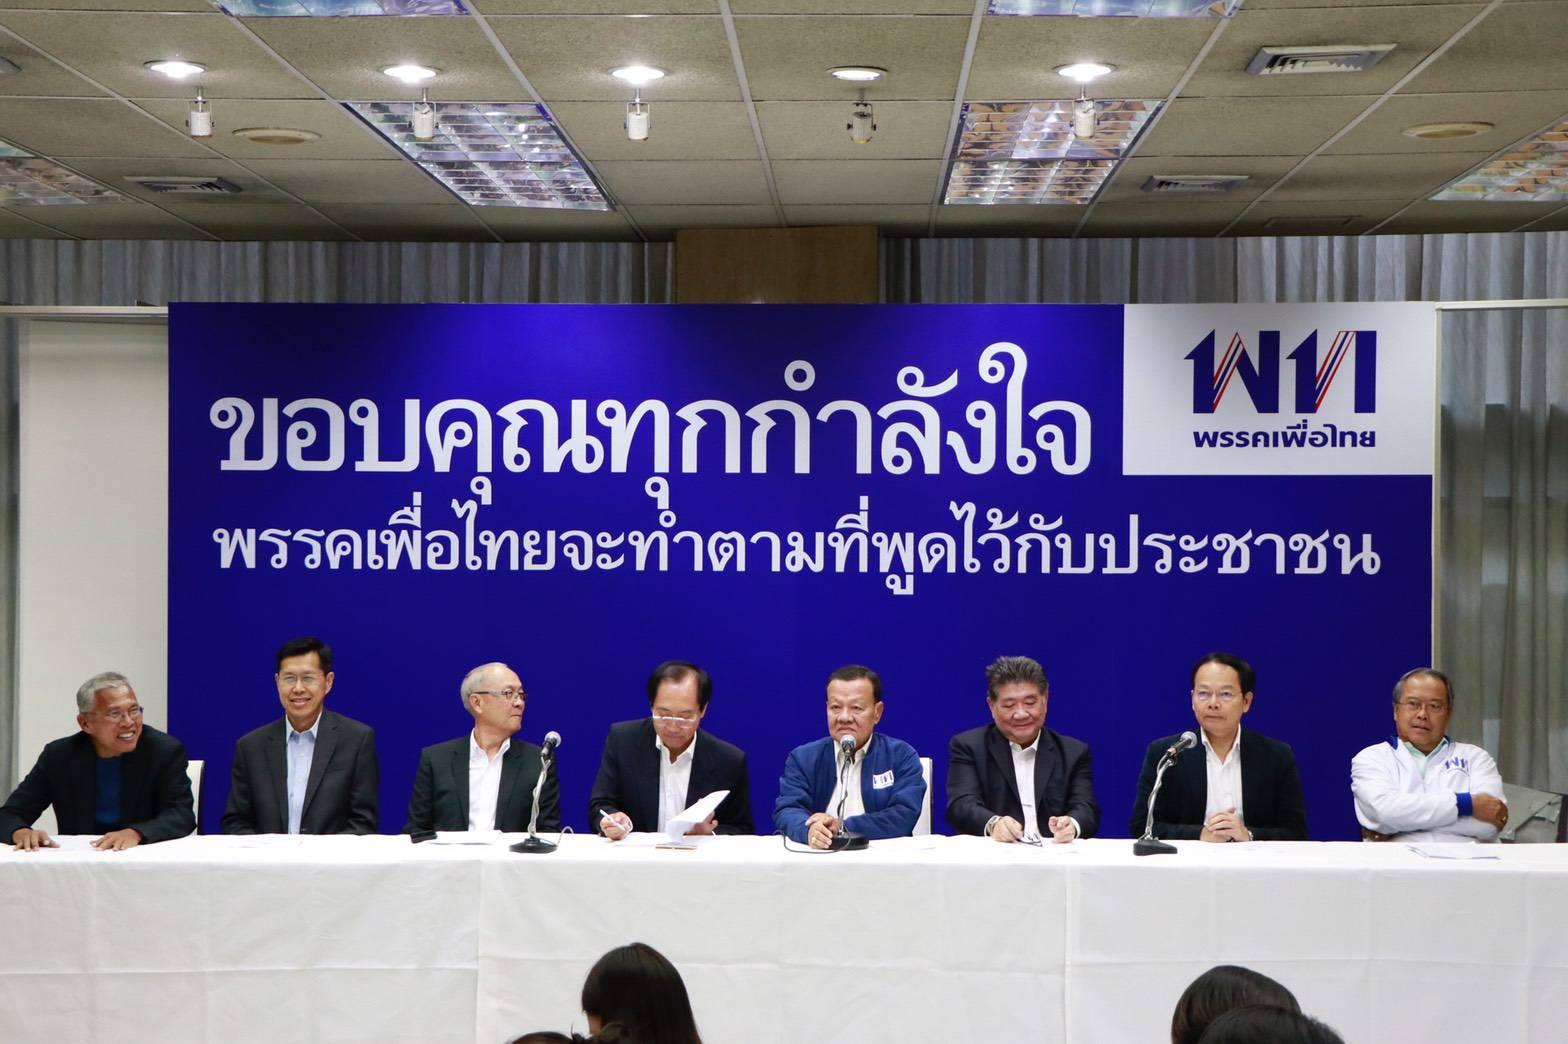 ข่าวสดวันนี้ เพื่อไทย เลือกตั้ง62